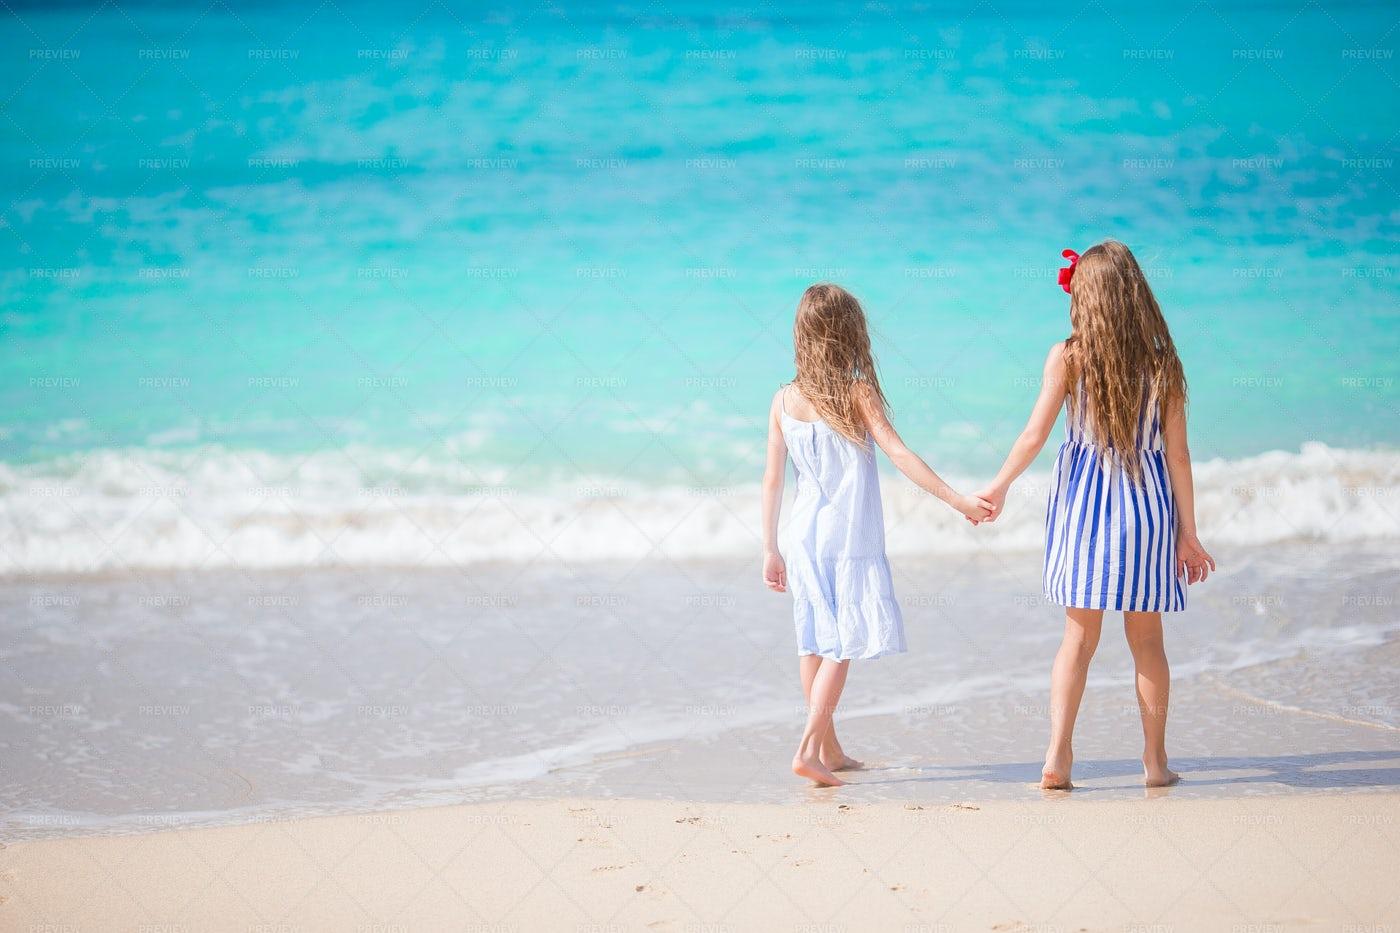 Little Girls At Beach: Stock Photos